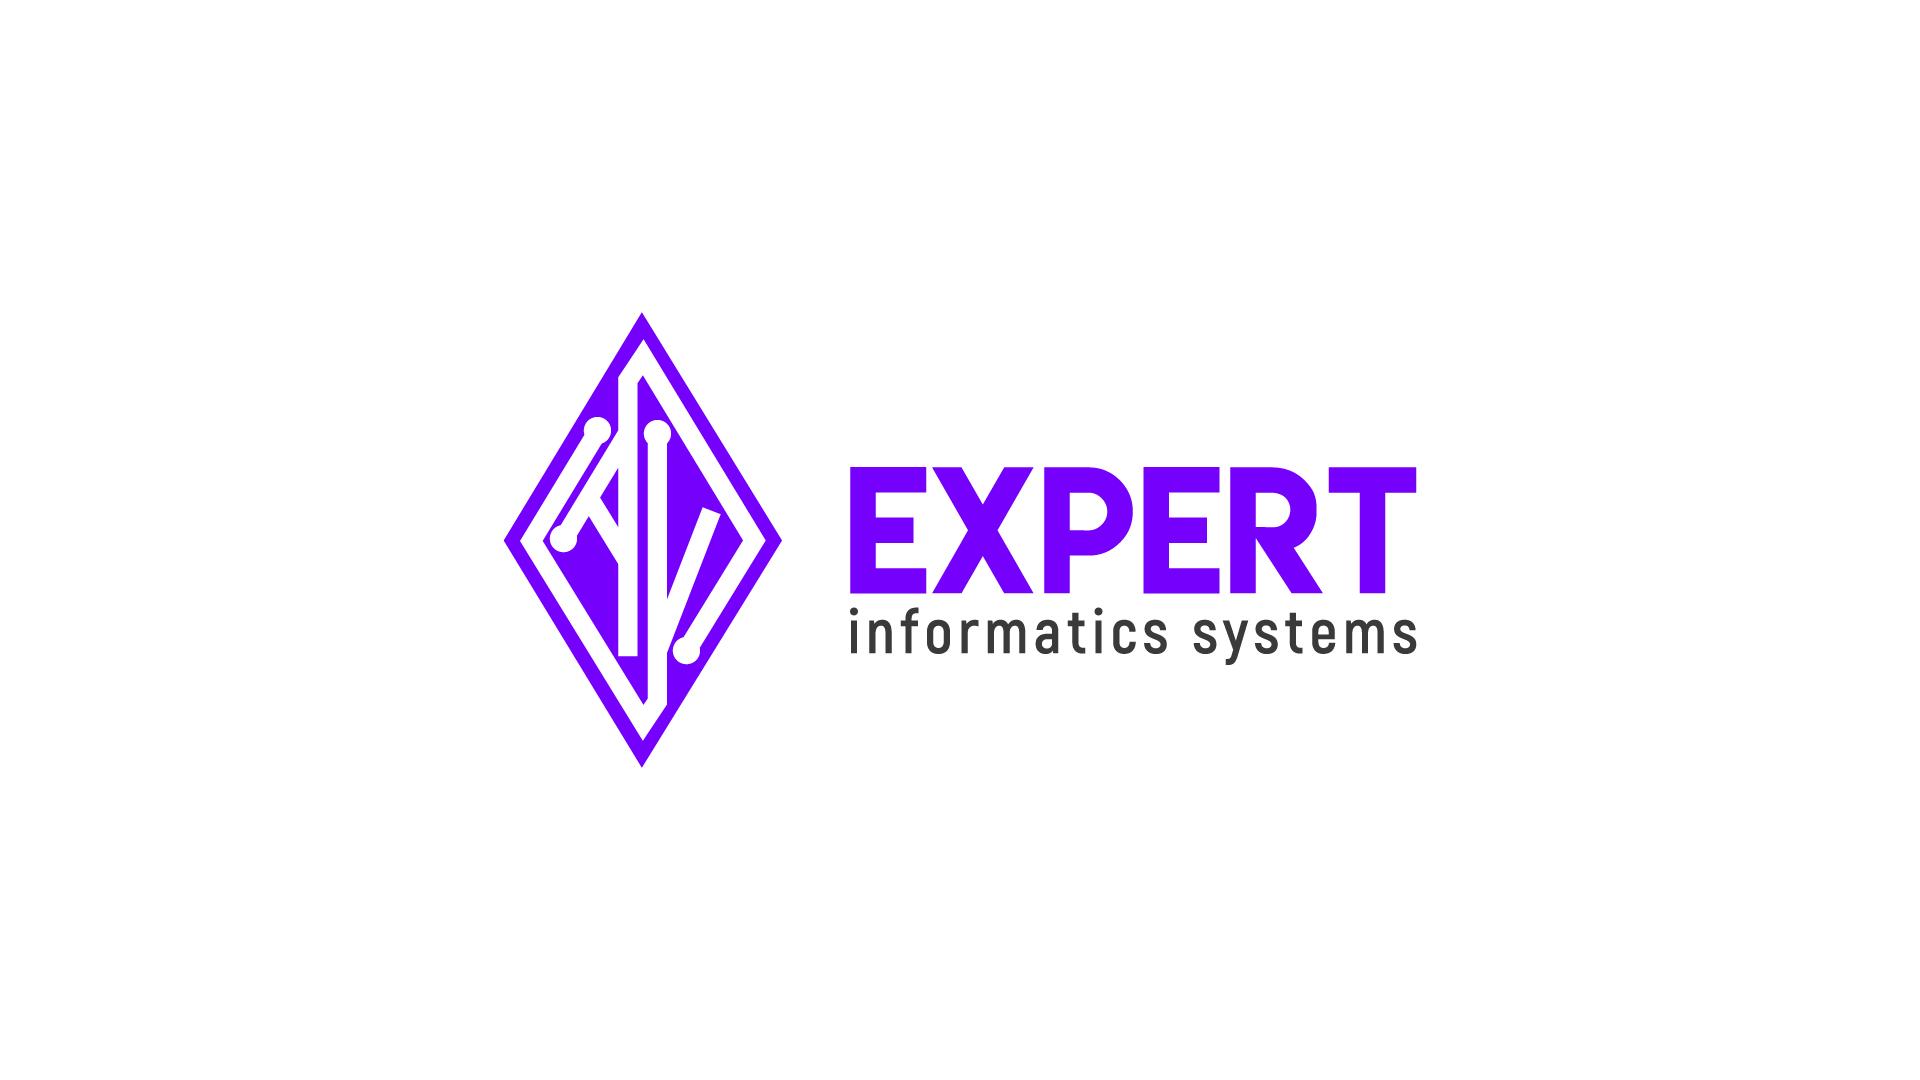 Создание логотипа, фирстиля фото f_0865c5e57b789093.jpg